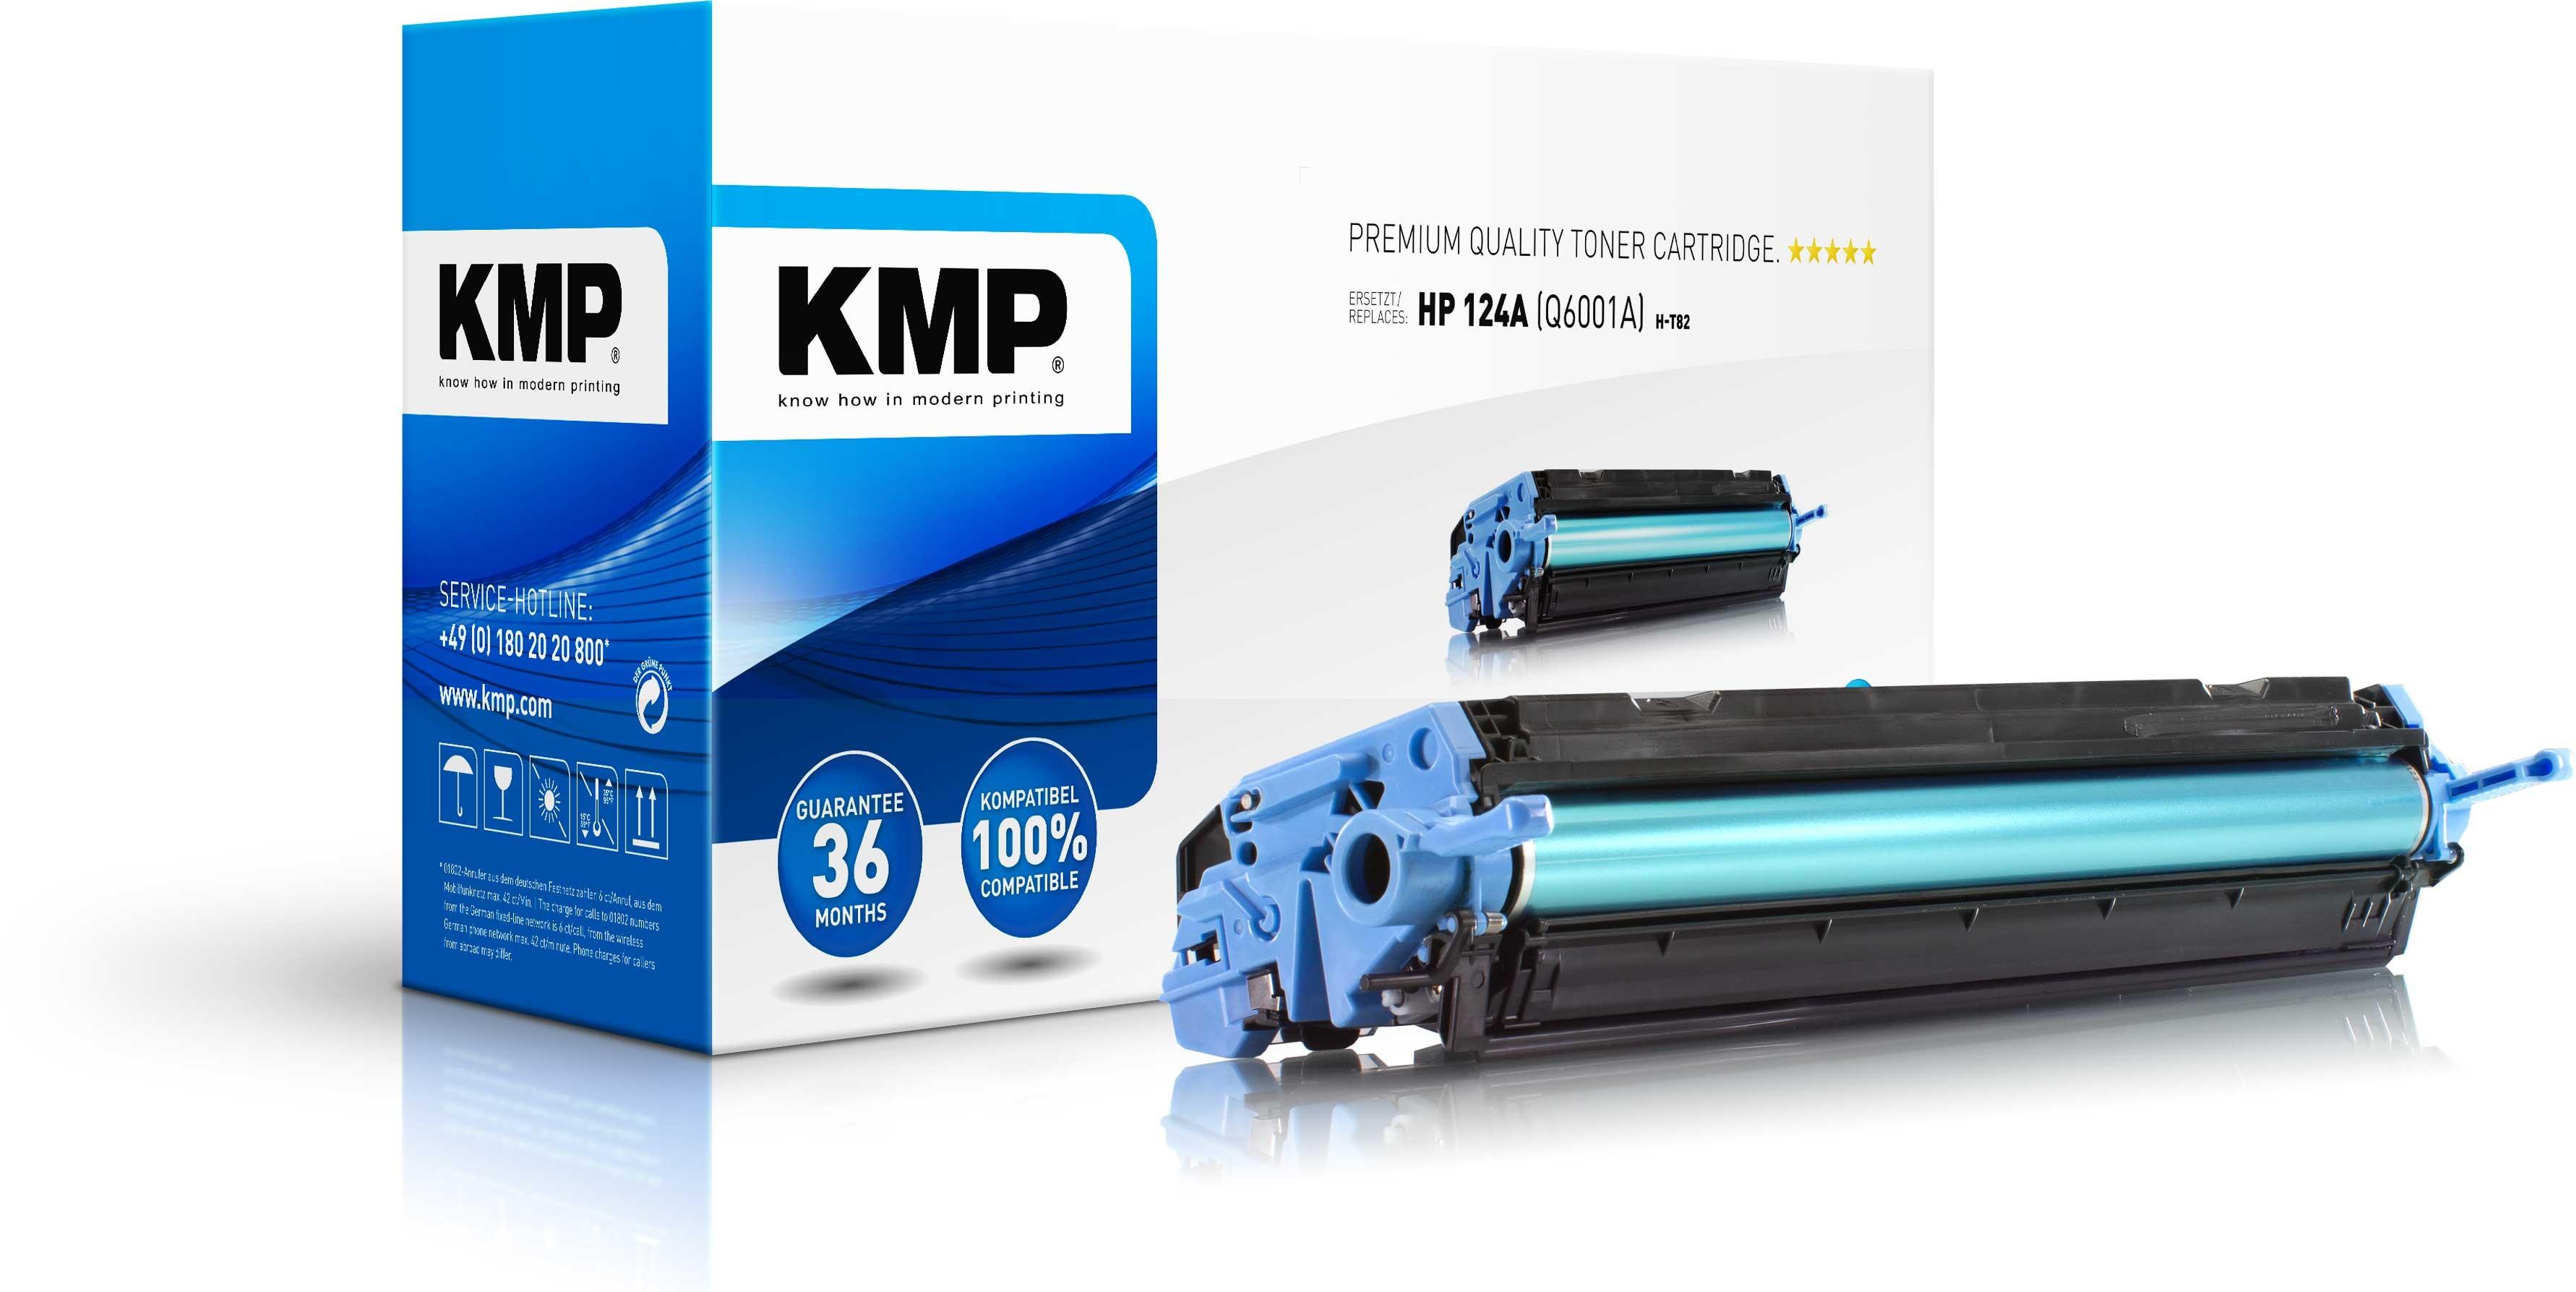 Vorschau: KMP Toner für HP Q6001A Color Laserjet 1600 / 2600 Series cyan